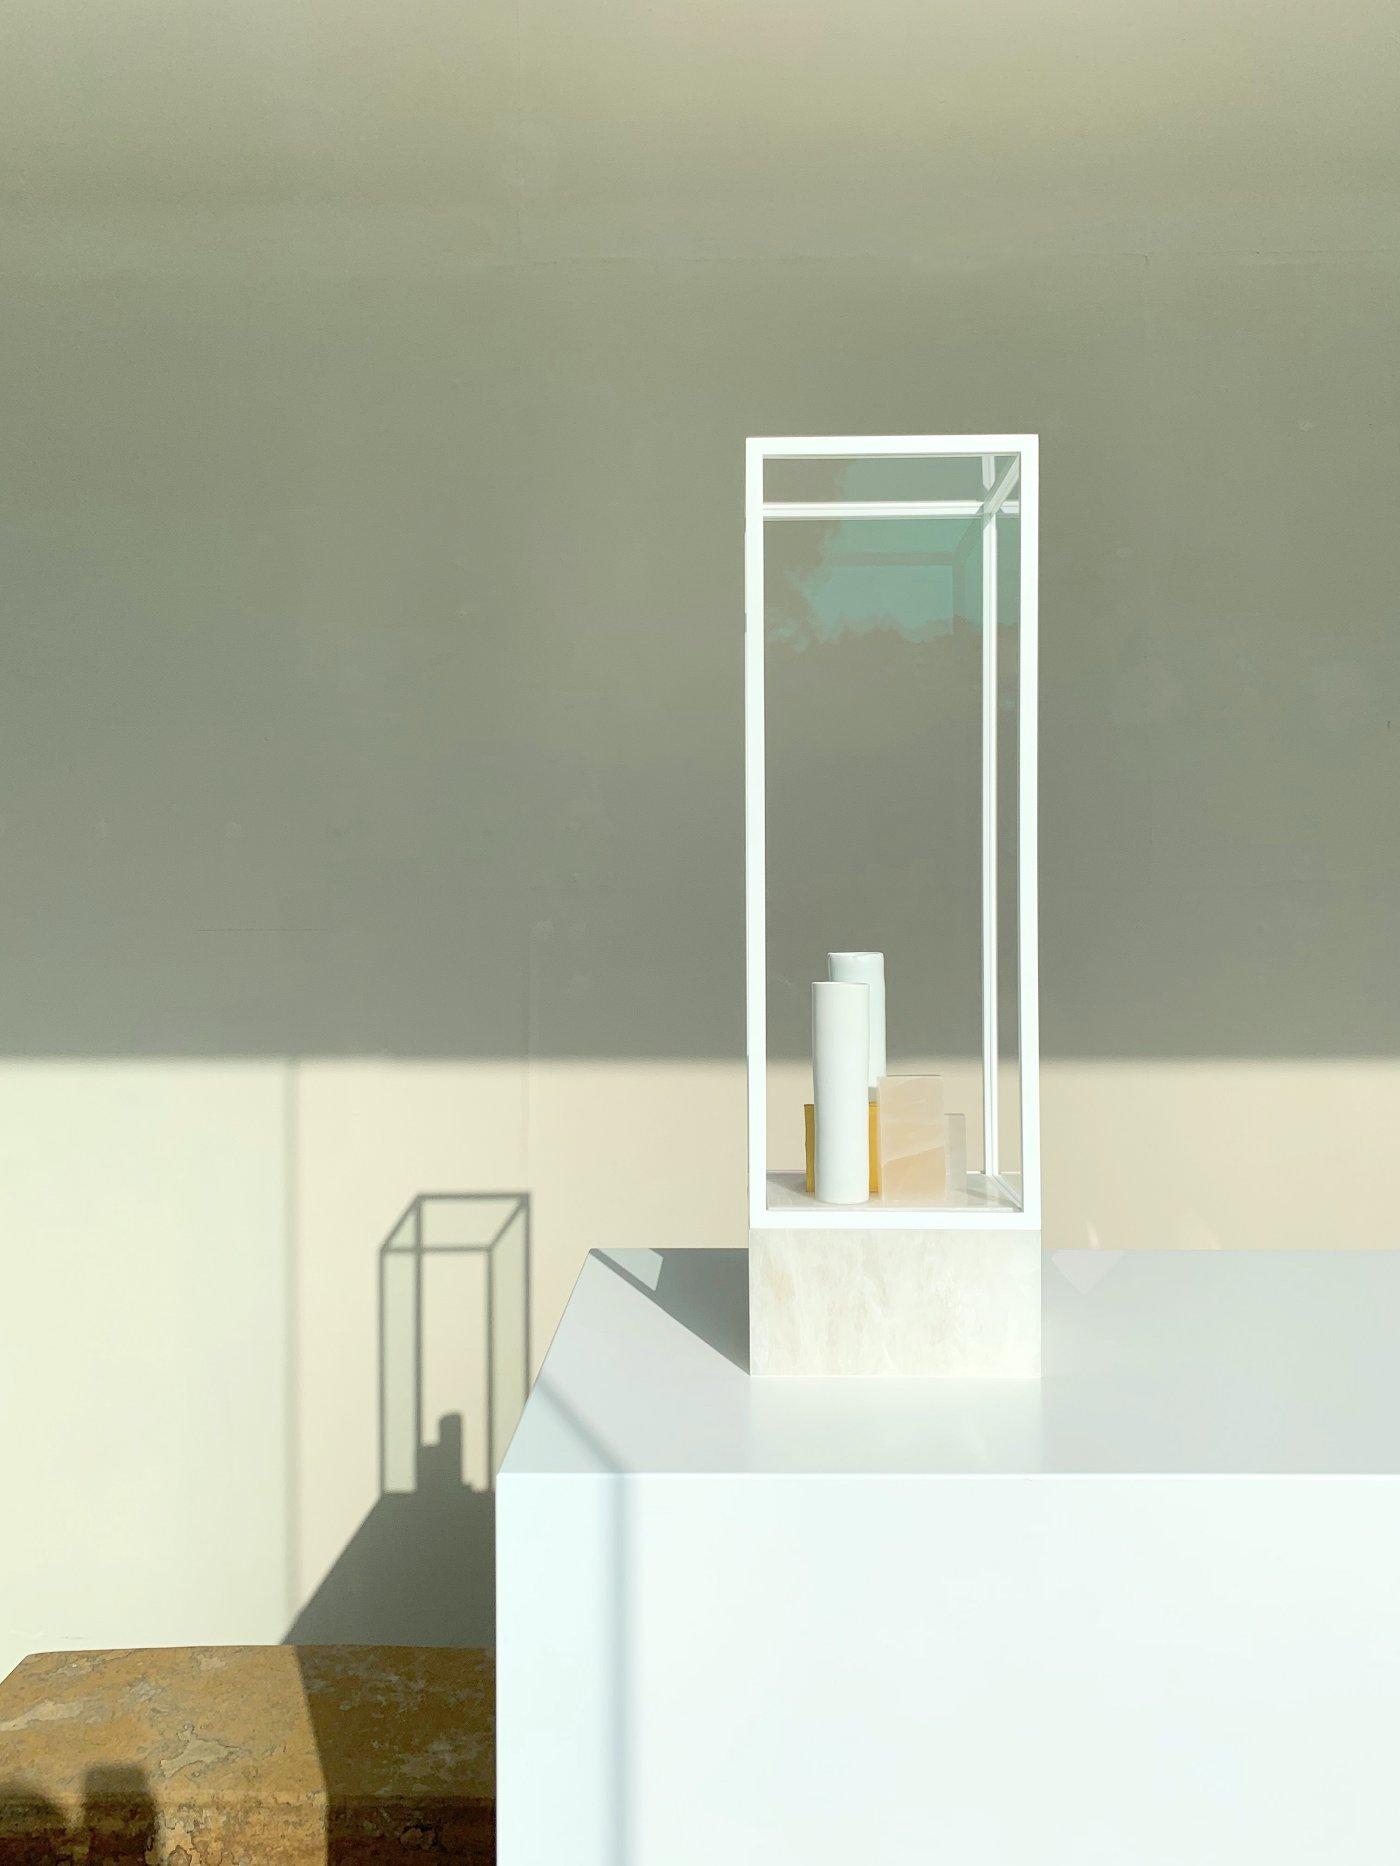 New Art Centre Edmund de Waal 10